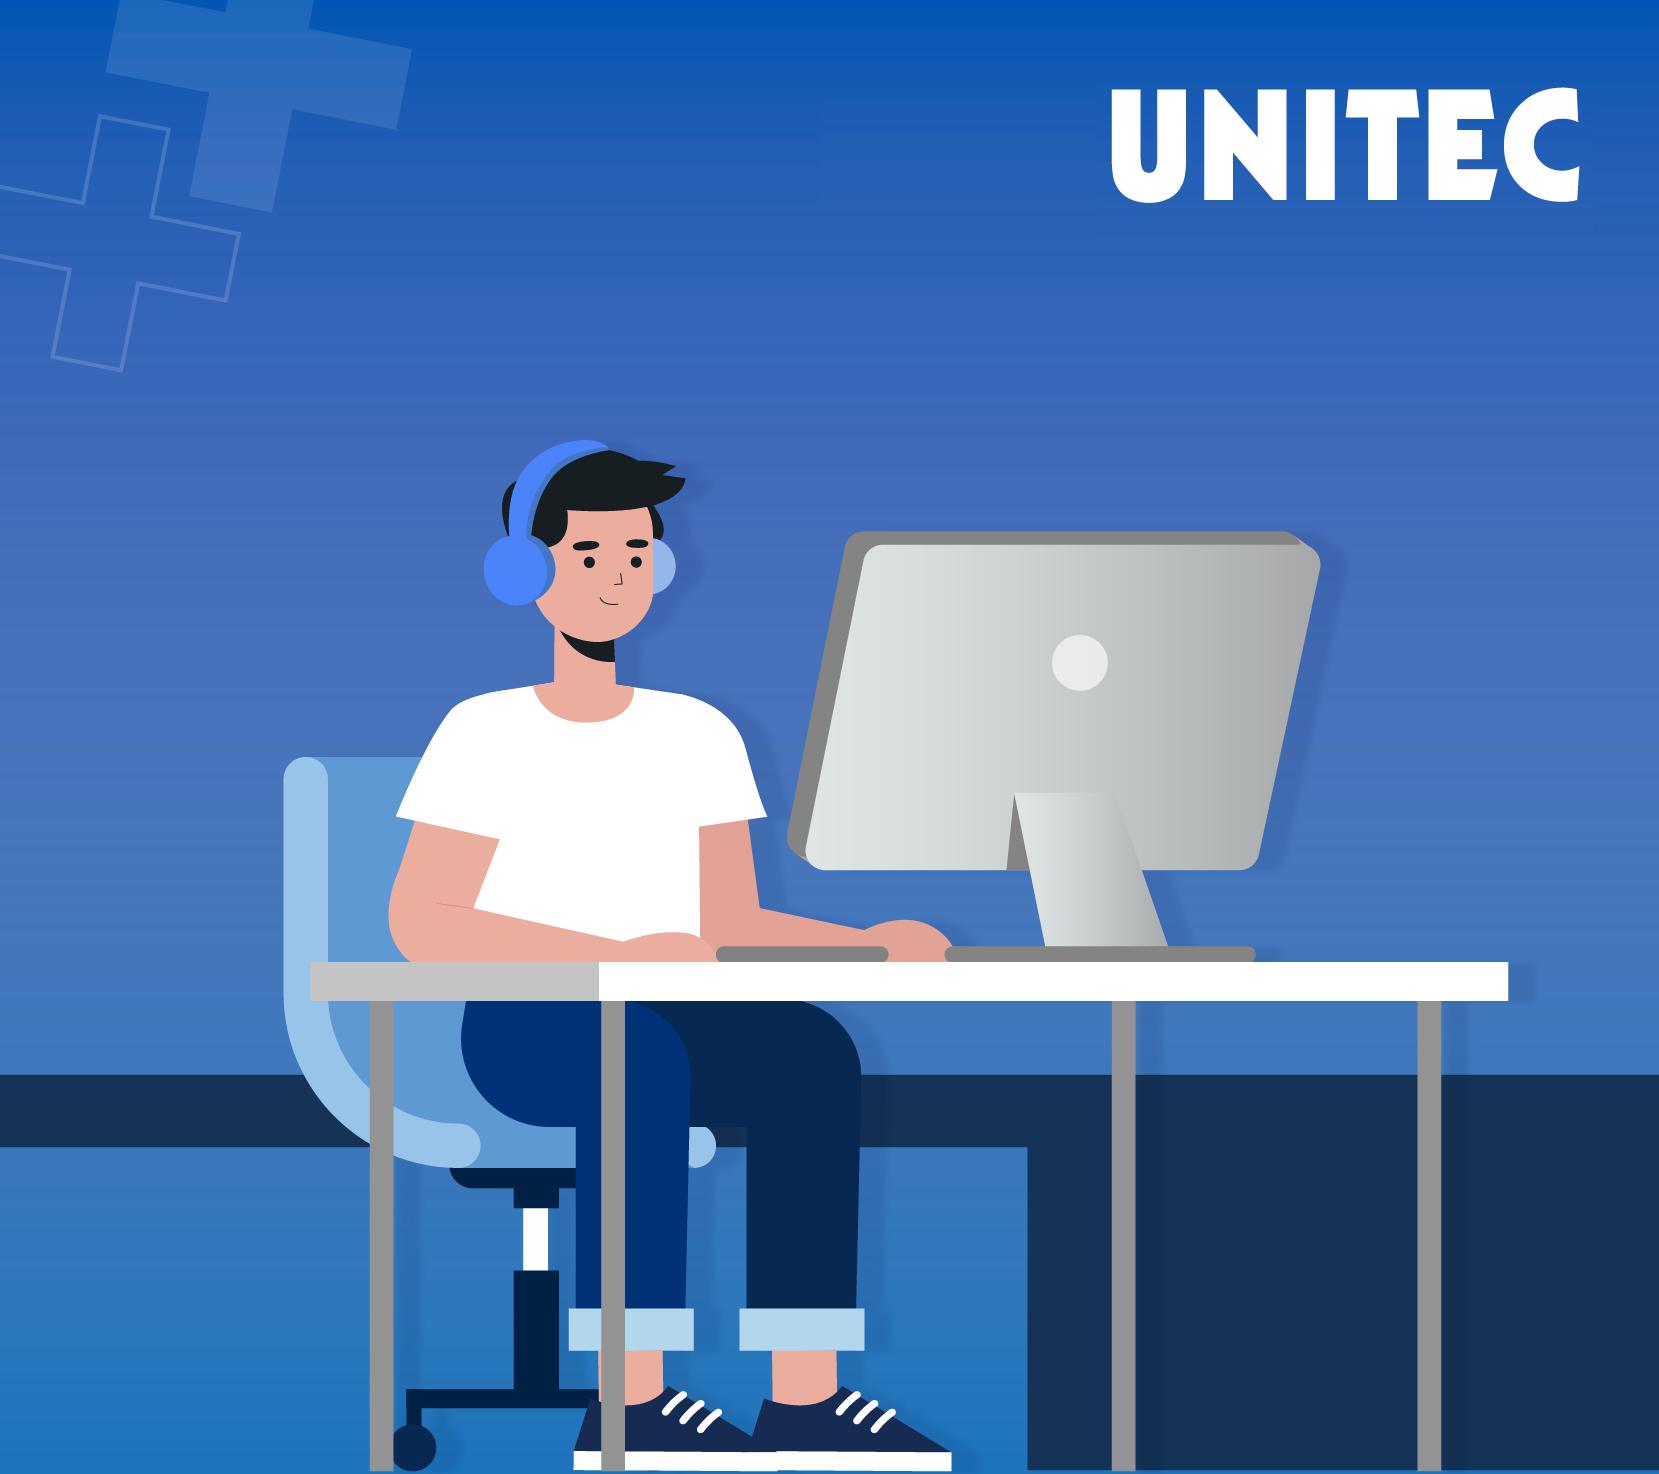 Páginas de Facebook de la UNITEC